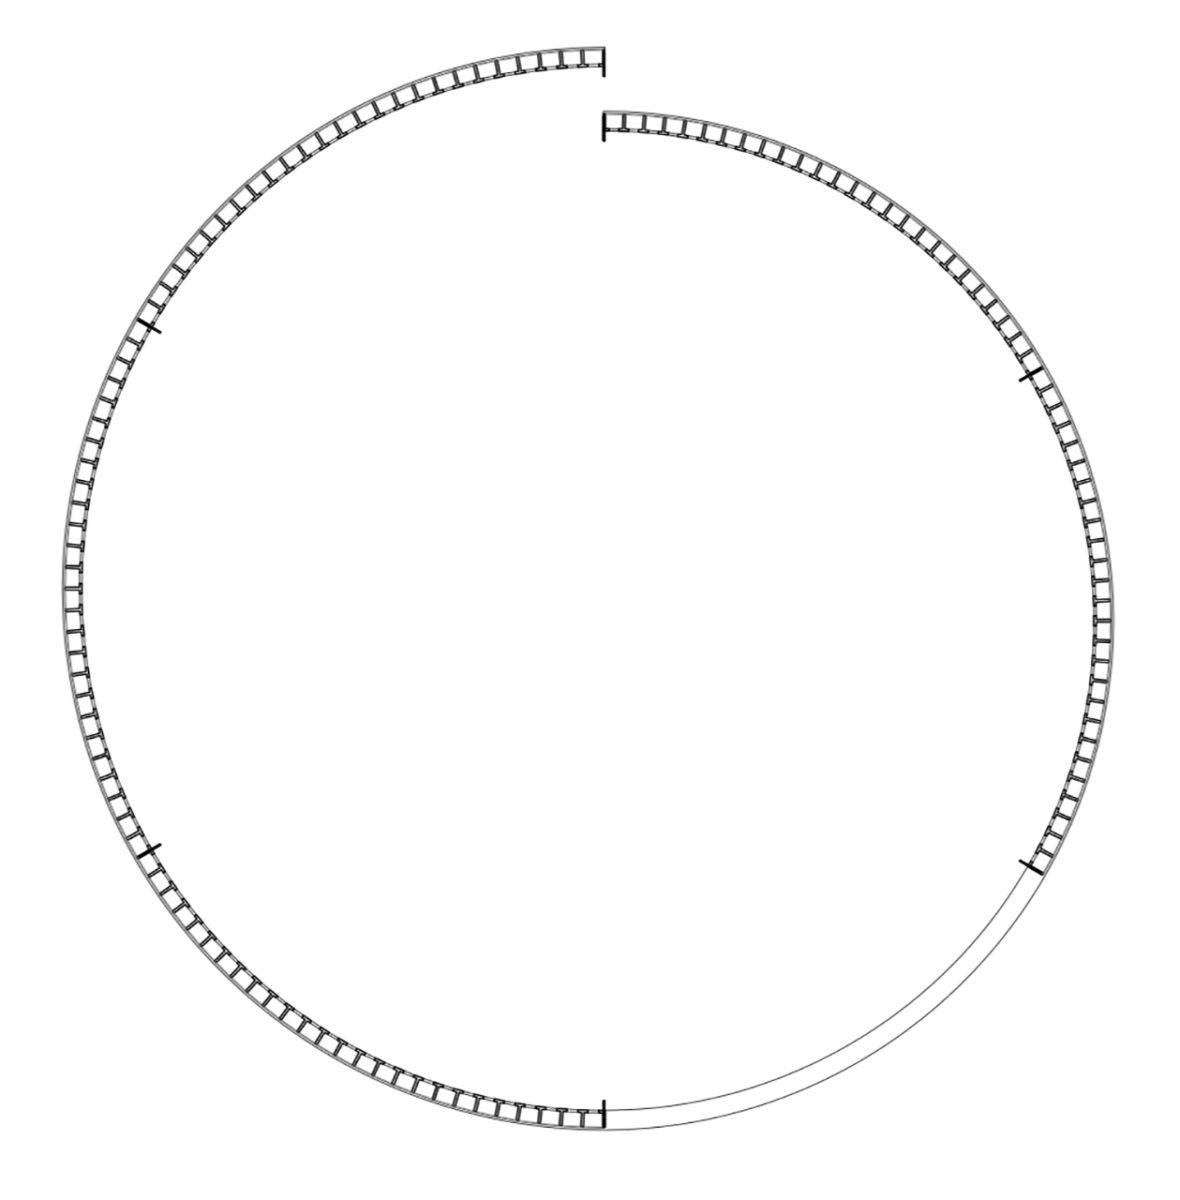 Round plan of park nest